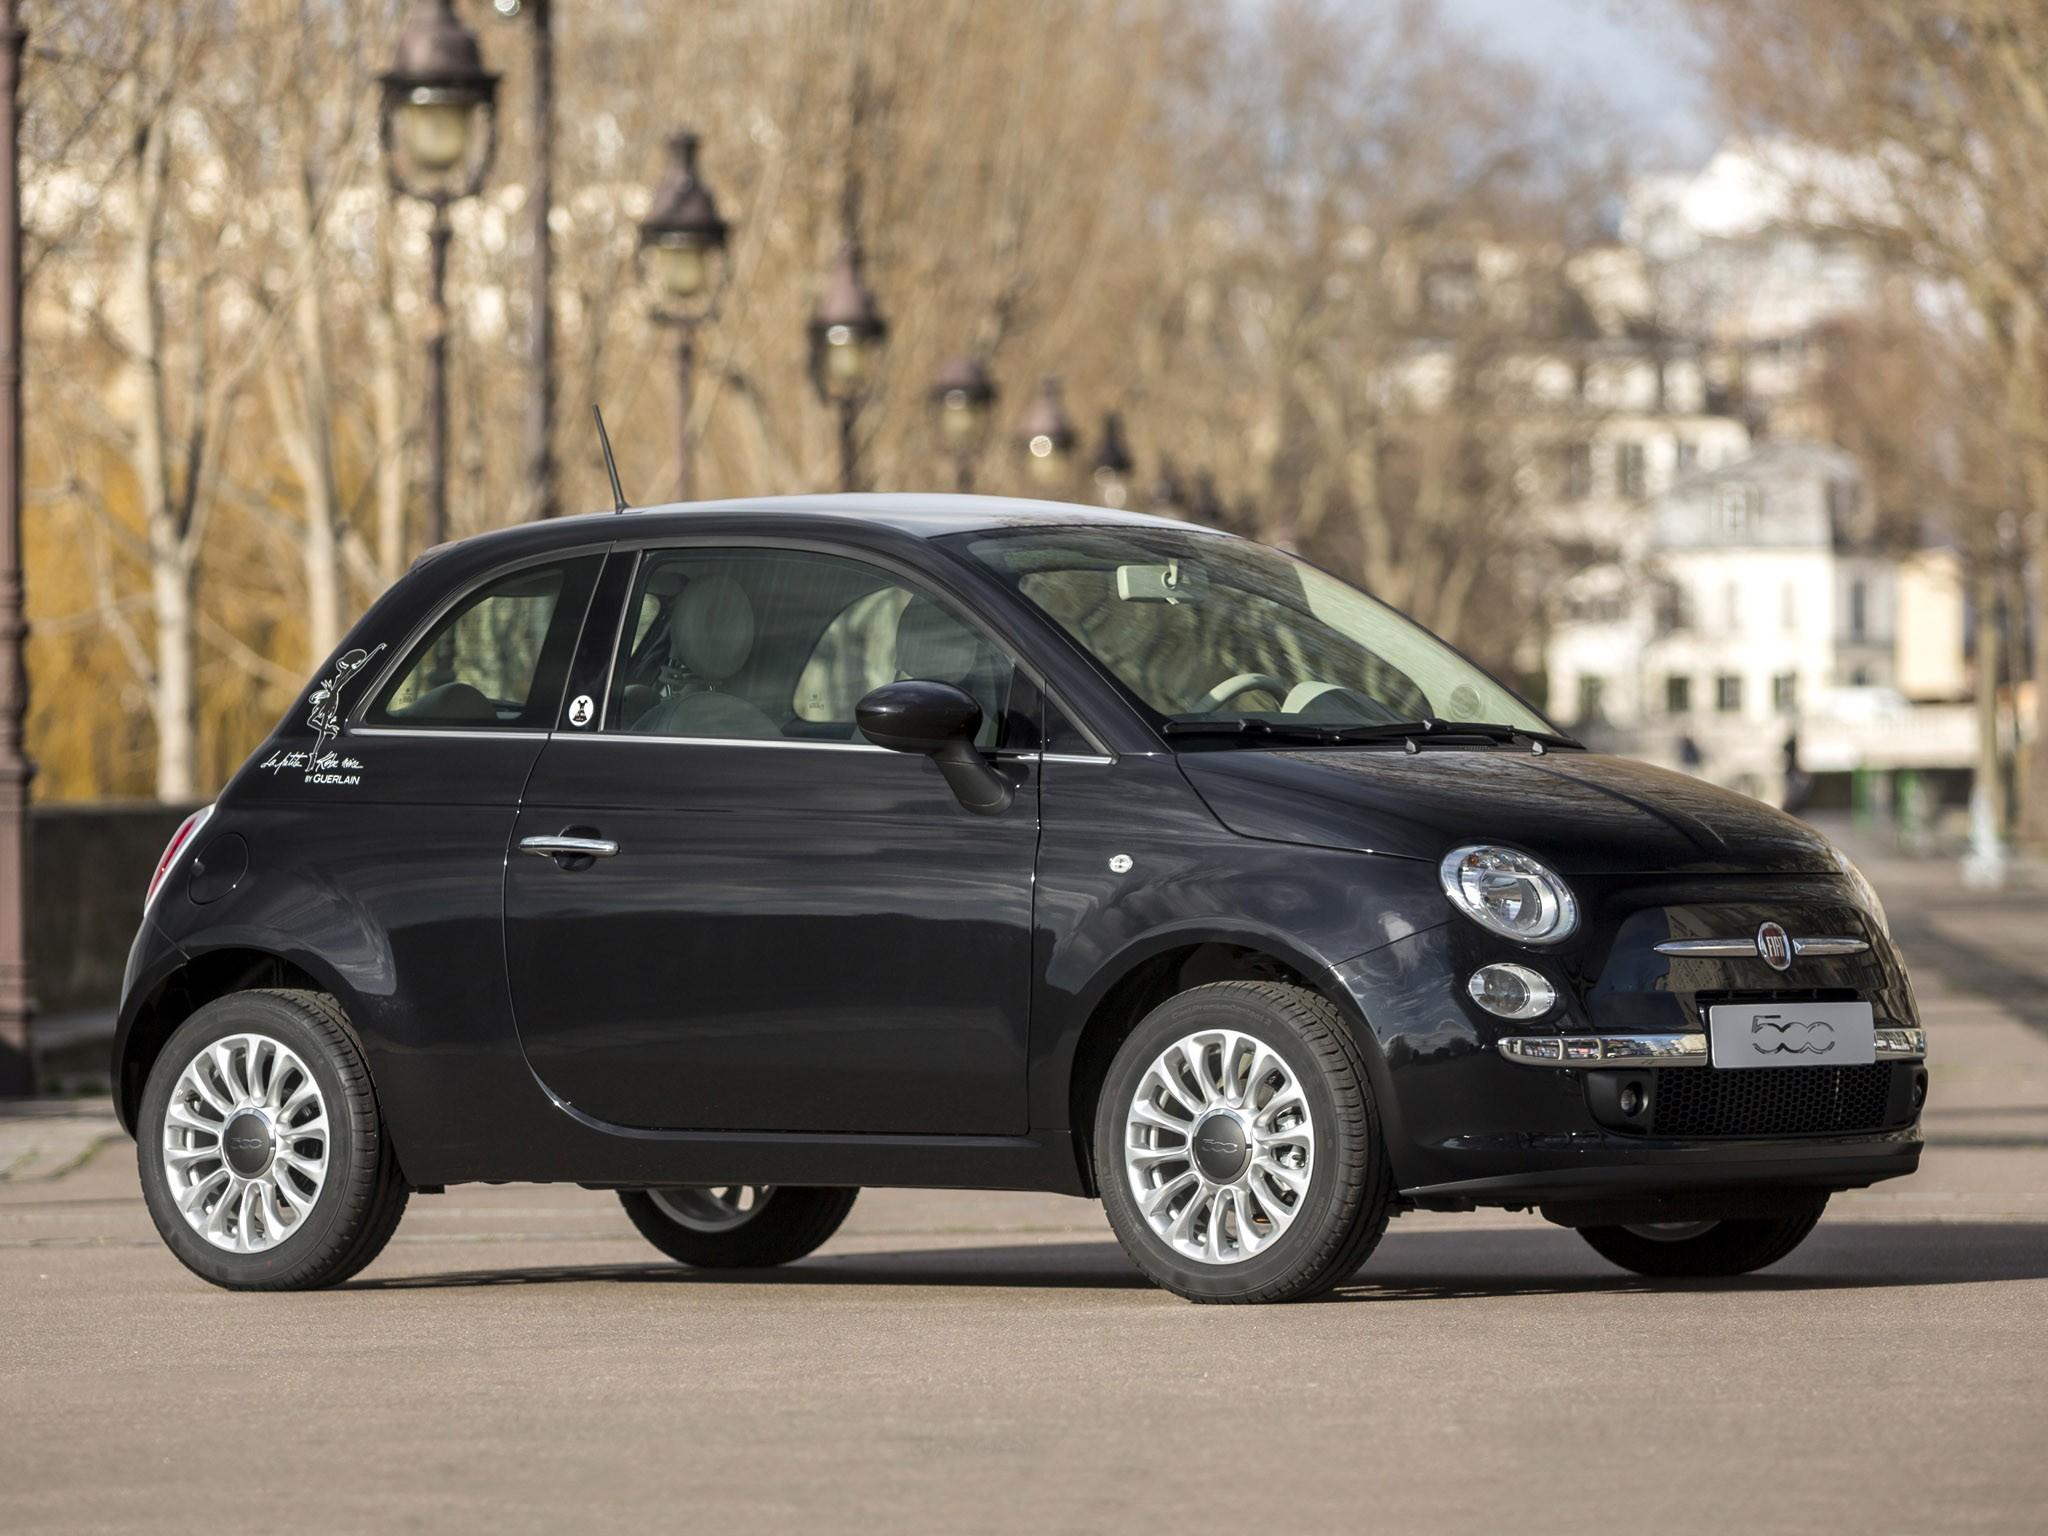 Fiat 500 la petite robe noire Guerlain 2014